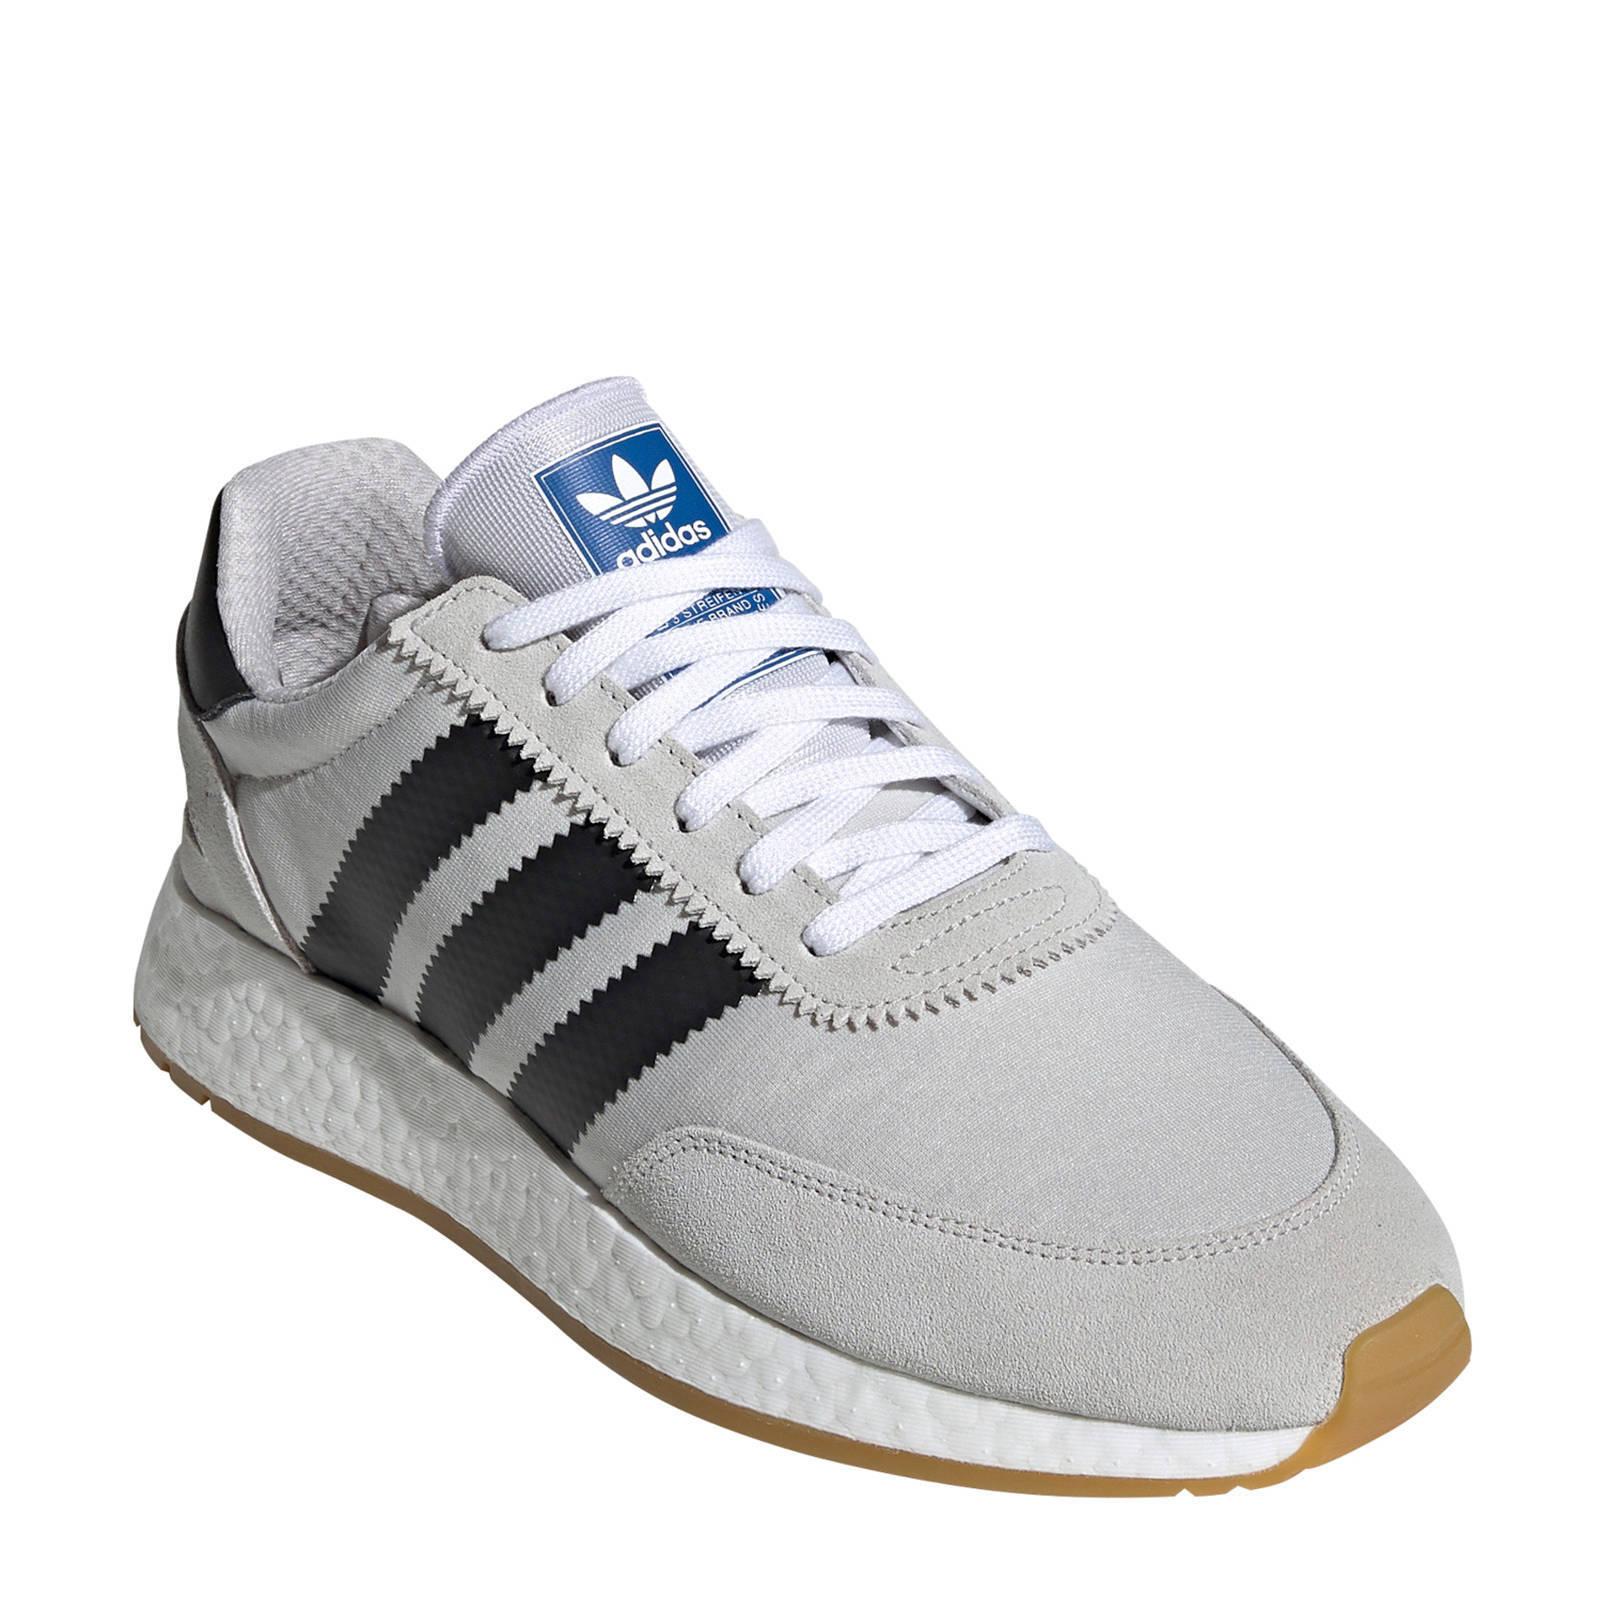 adidas Originals I-5923 sneakers lichtgrijs | wehkamp